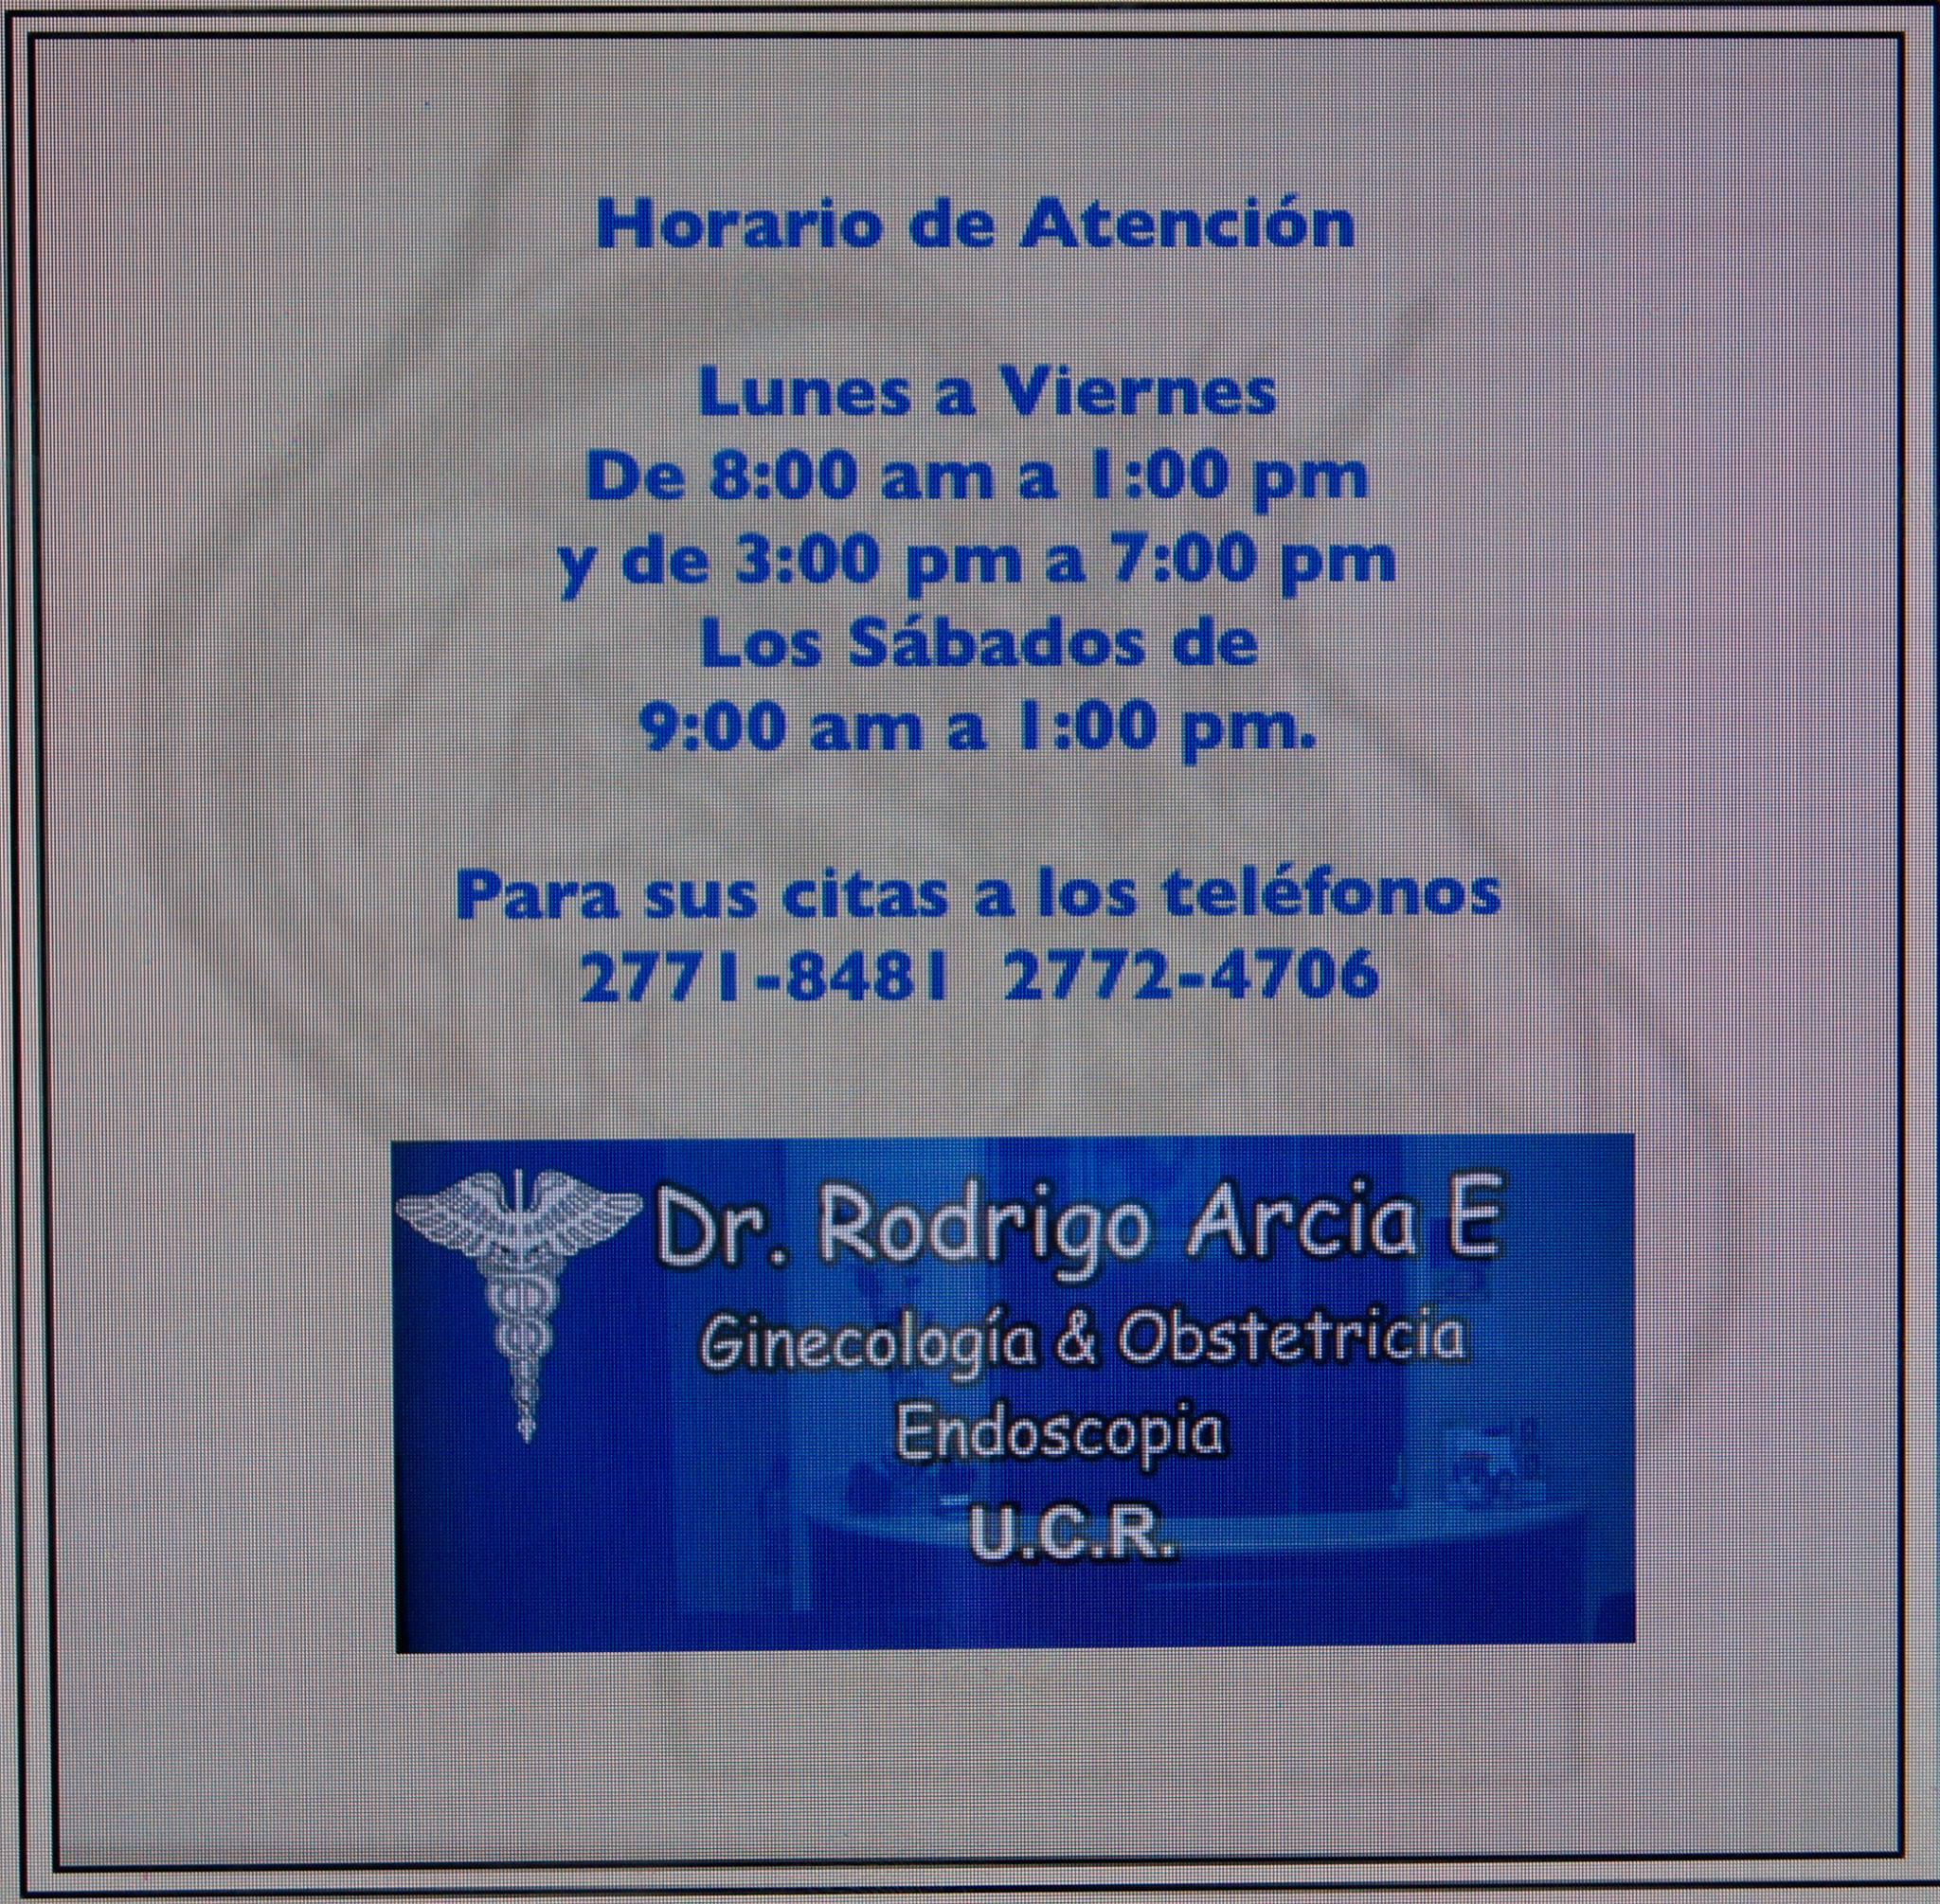 Dr.-Rodrigo-Arcia-Escalante-Amarillas-CR-3